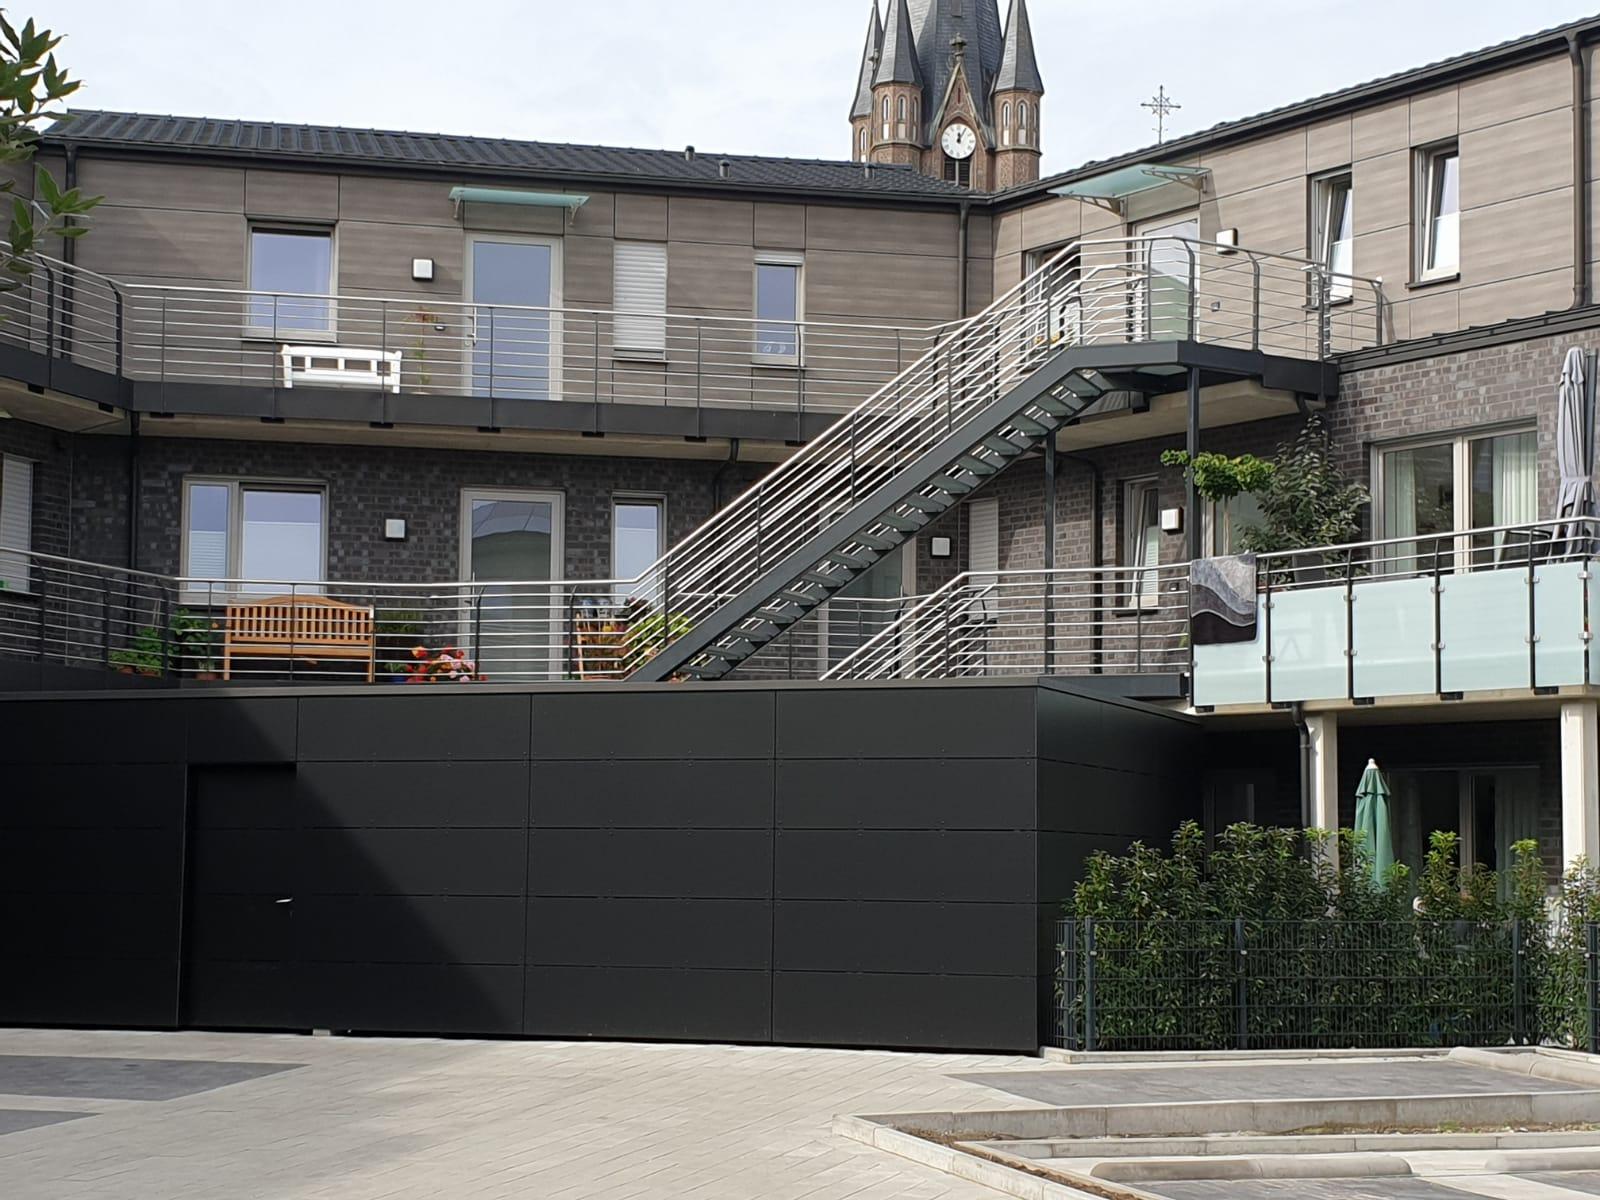 Geländer, Treppenaufbau und Balkonaufbau